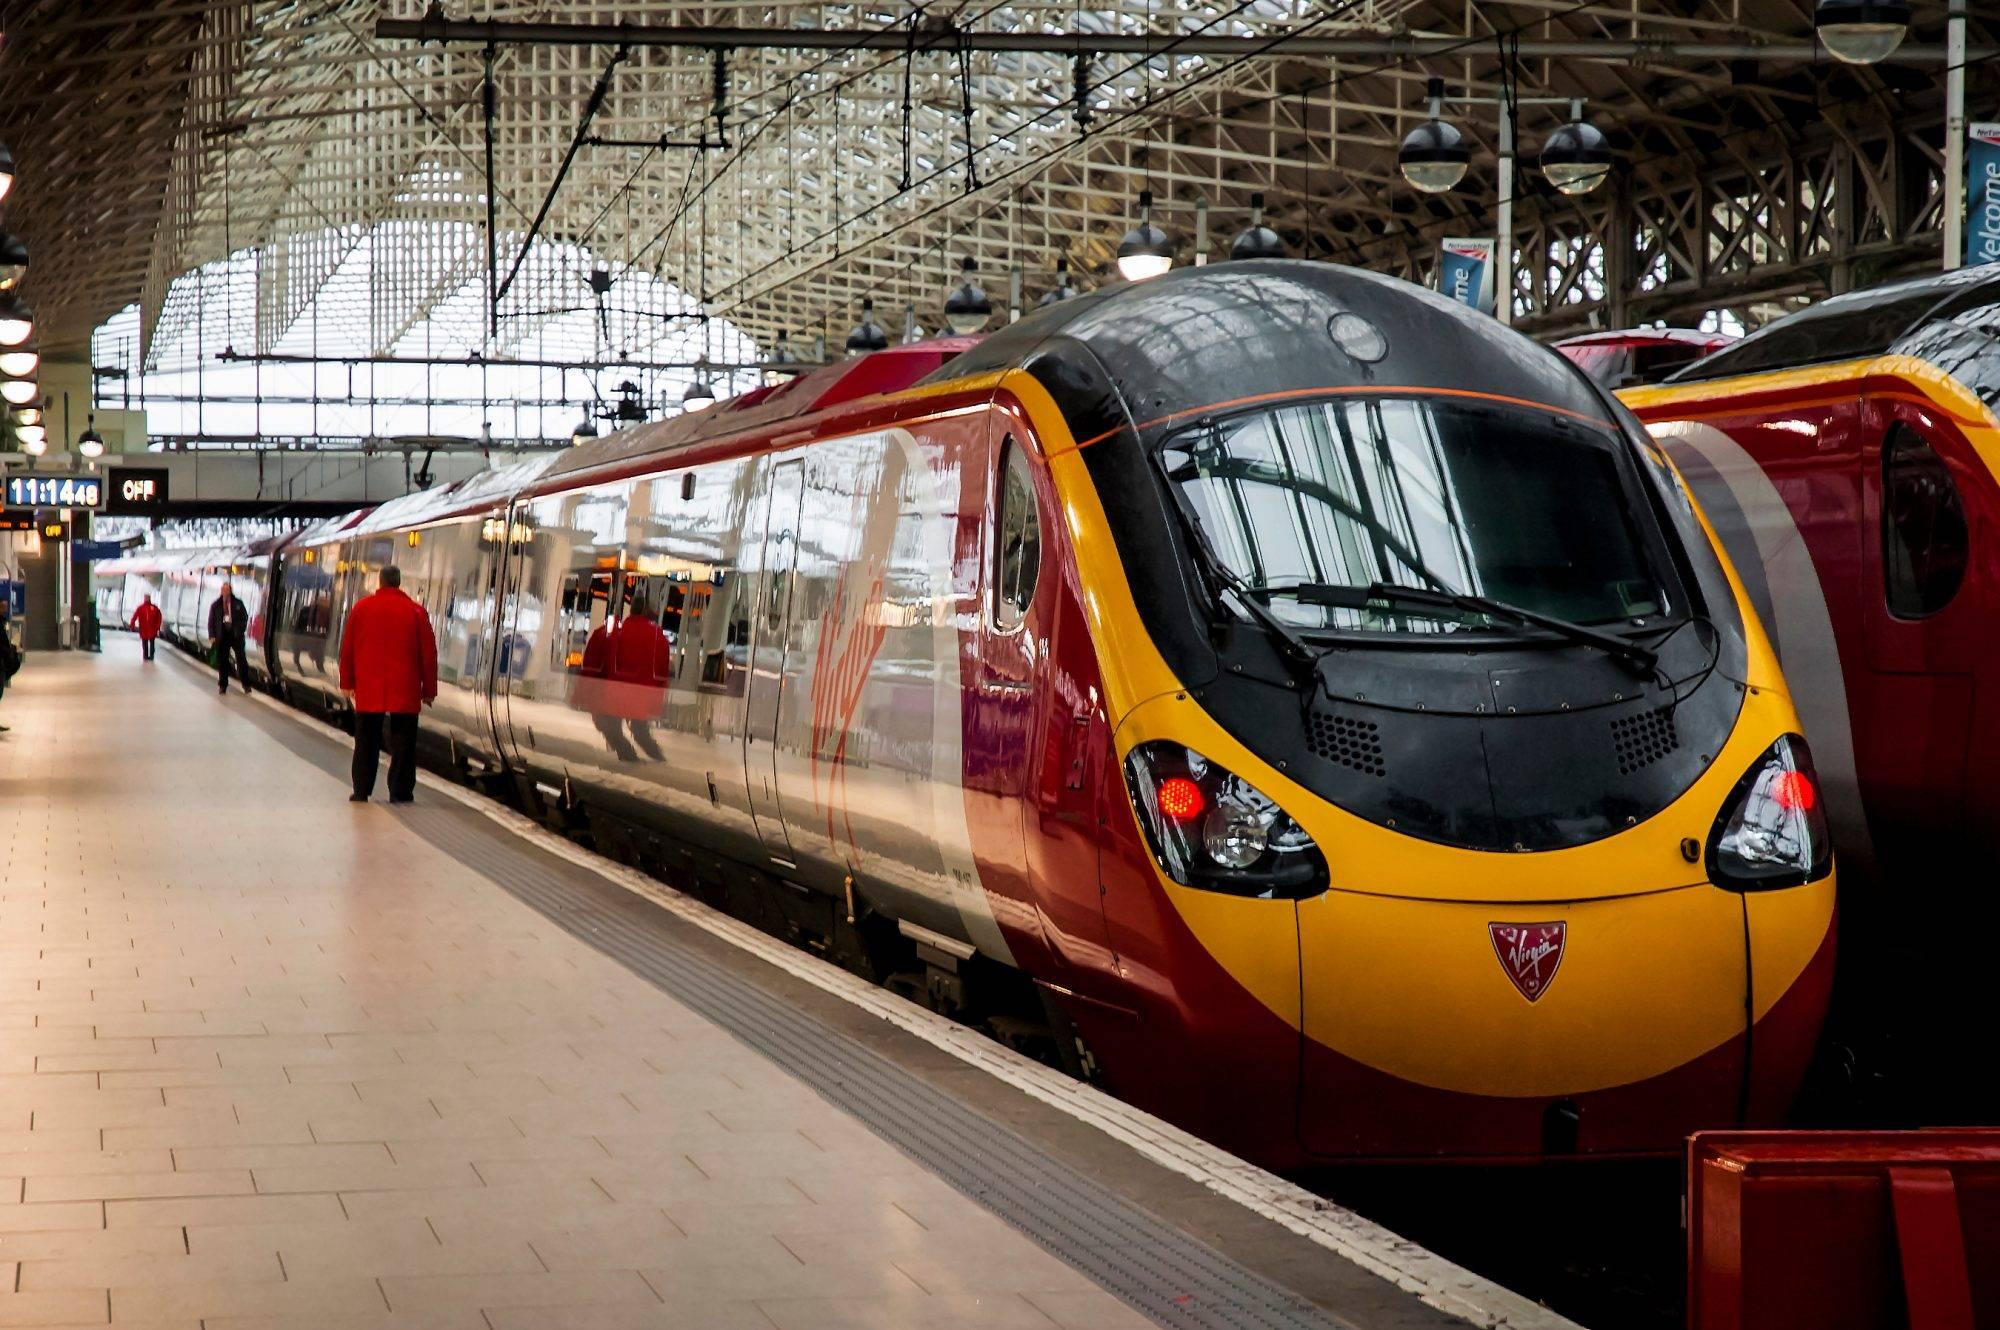 Транспорт брюсселя 2021: метро, трамвай, автобусы, поезда, такси. карты, билеты и цены в брюсселе — туристер.ру